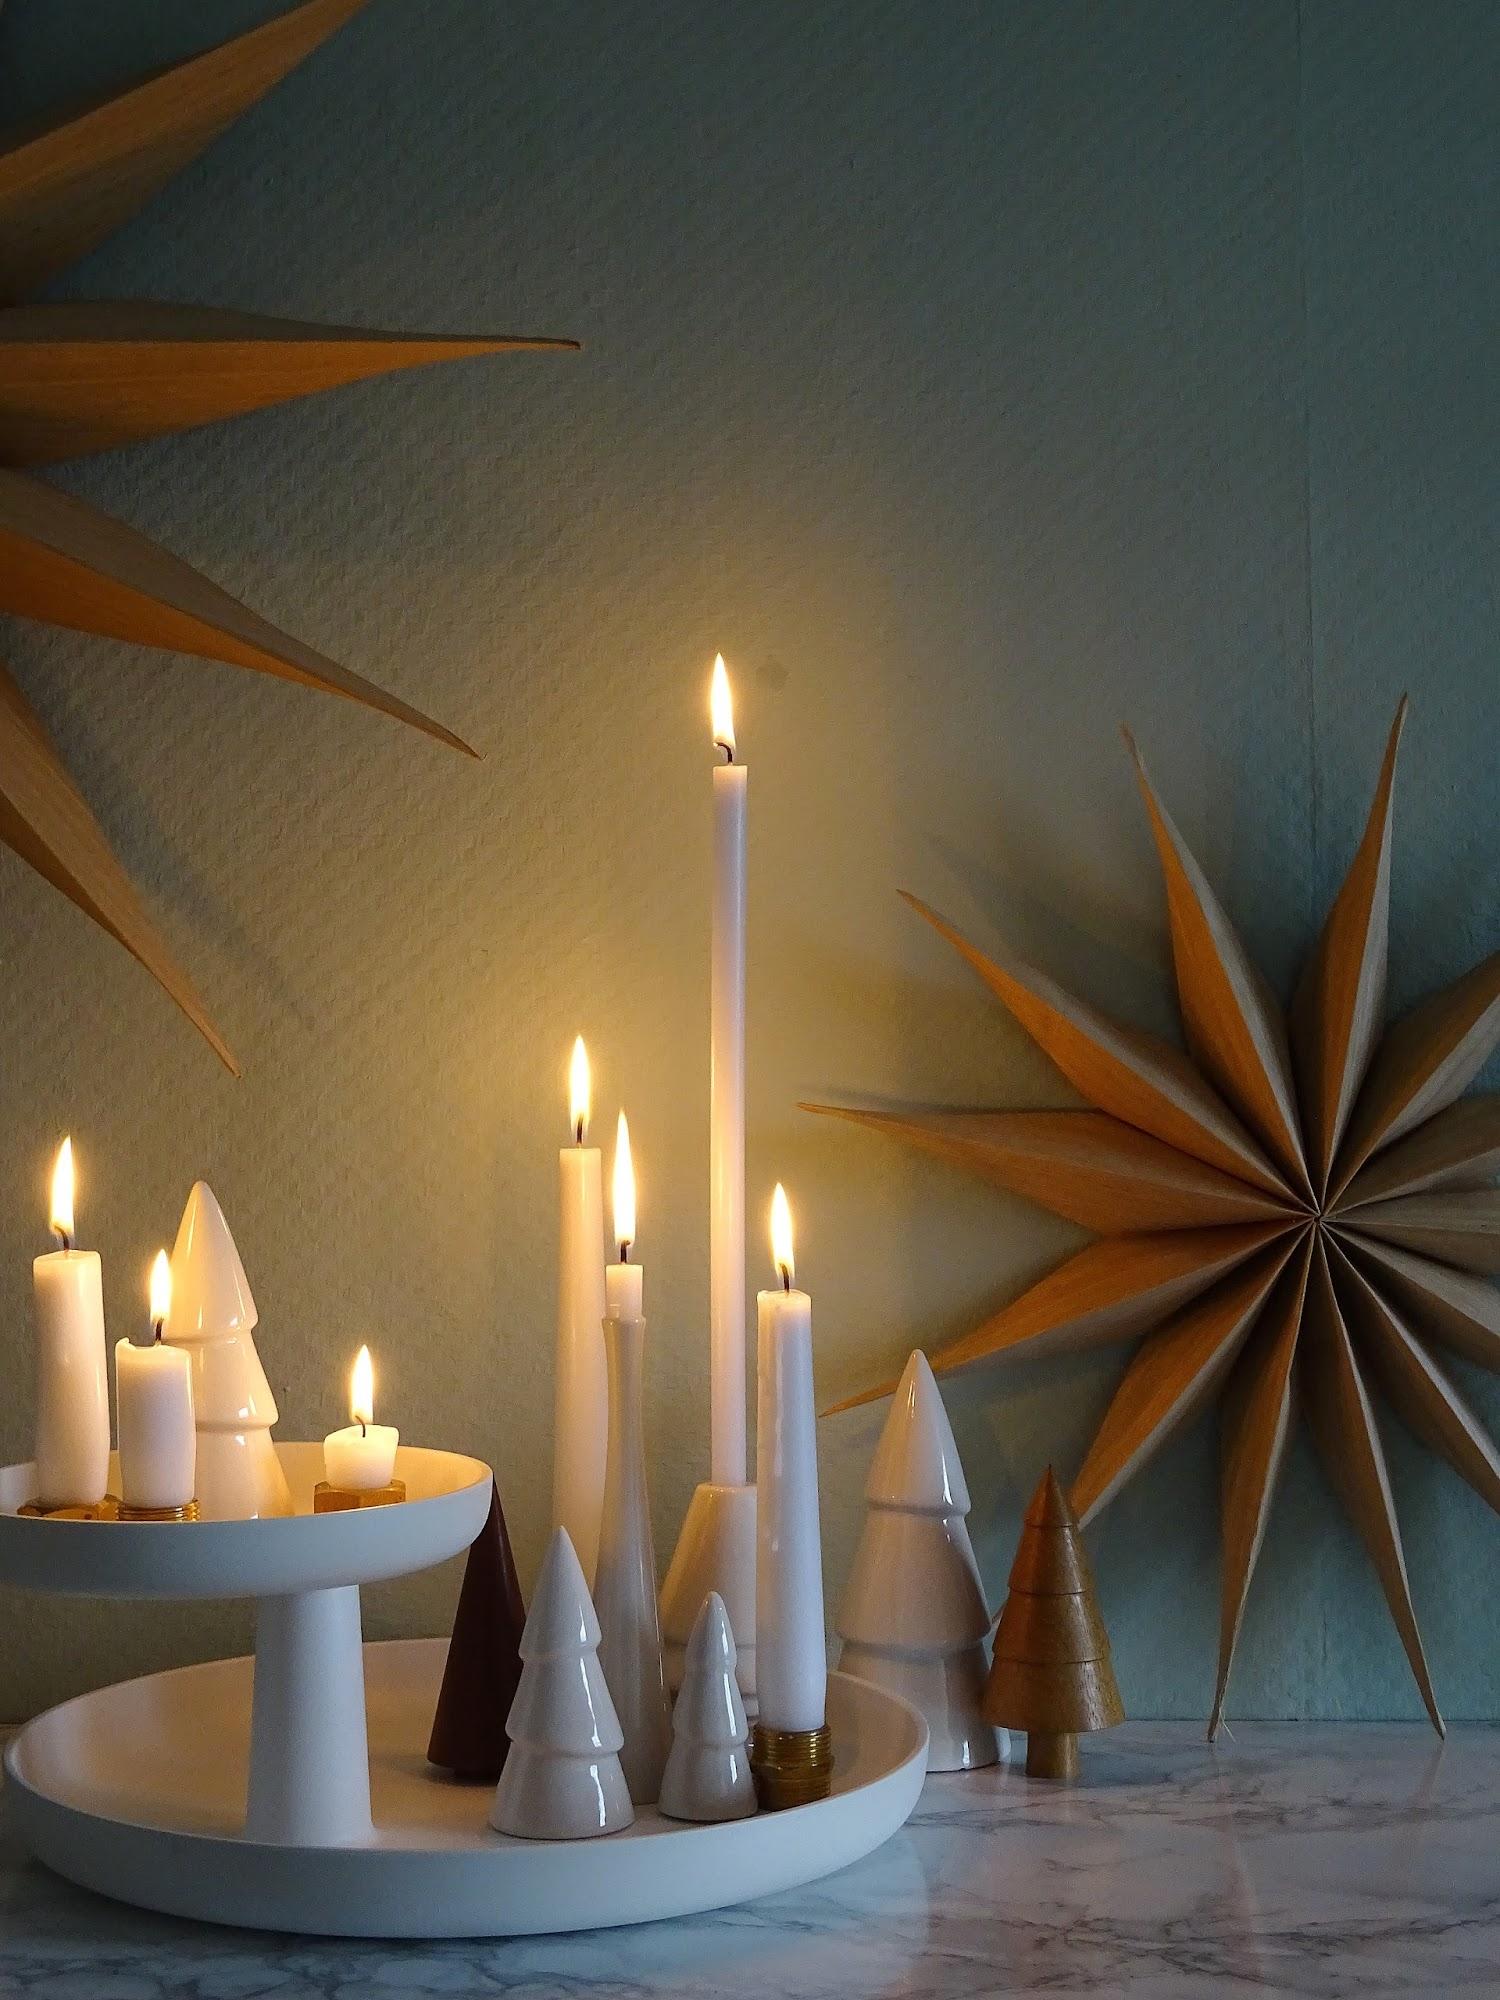 5 Deko-, Verwendungs- und Geschenk-Ideen mit Etageren - Weihnachtliche Deko-Idee mit Kerzen und Porzellan-Tannen auf einer Etagere - https://mammilade.blogspot.de